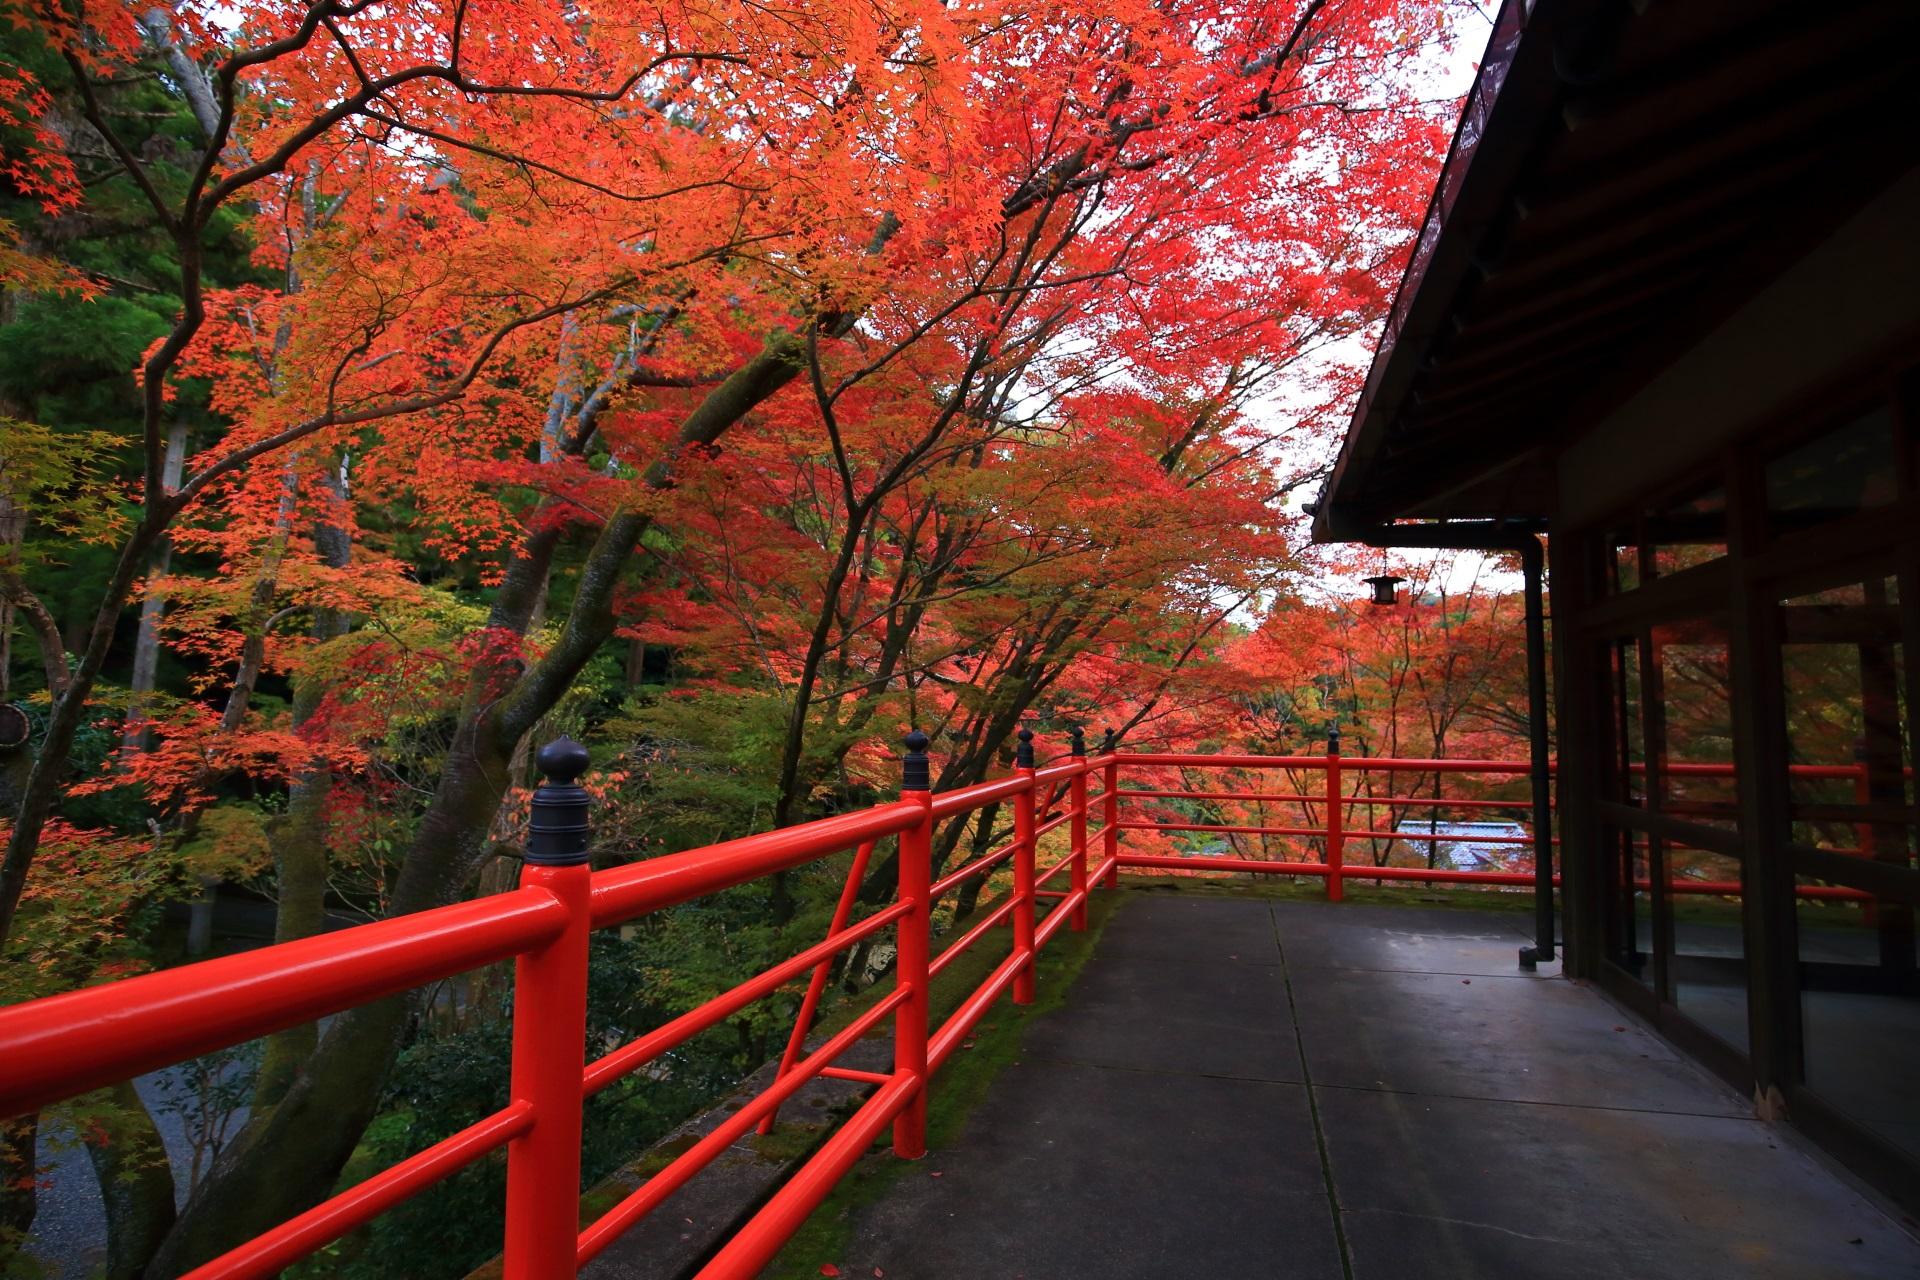 無料でゆっくり静かに紅葉狩りができる今熊野観音寺